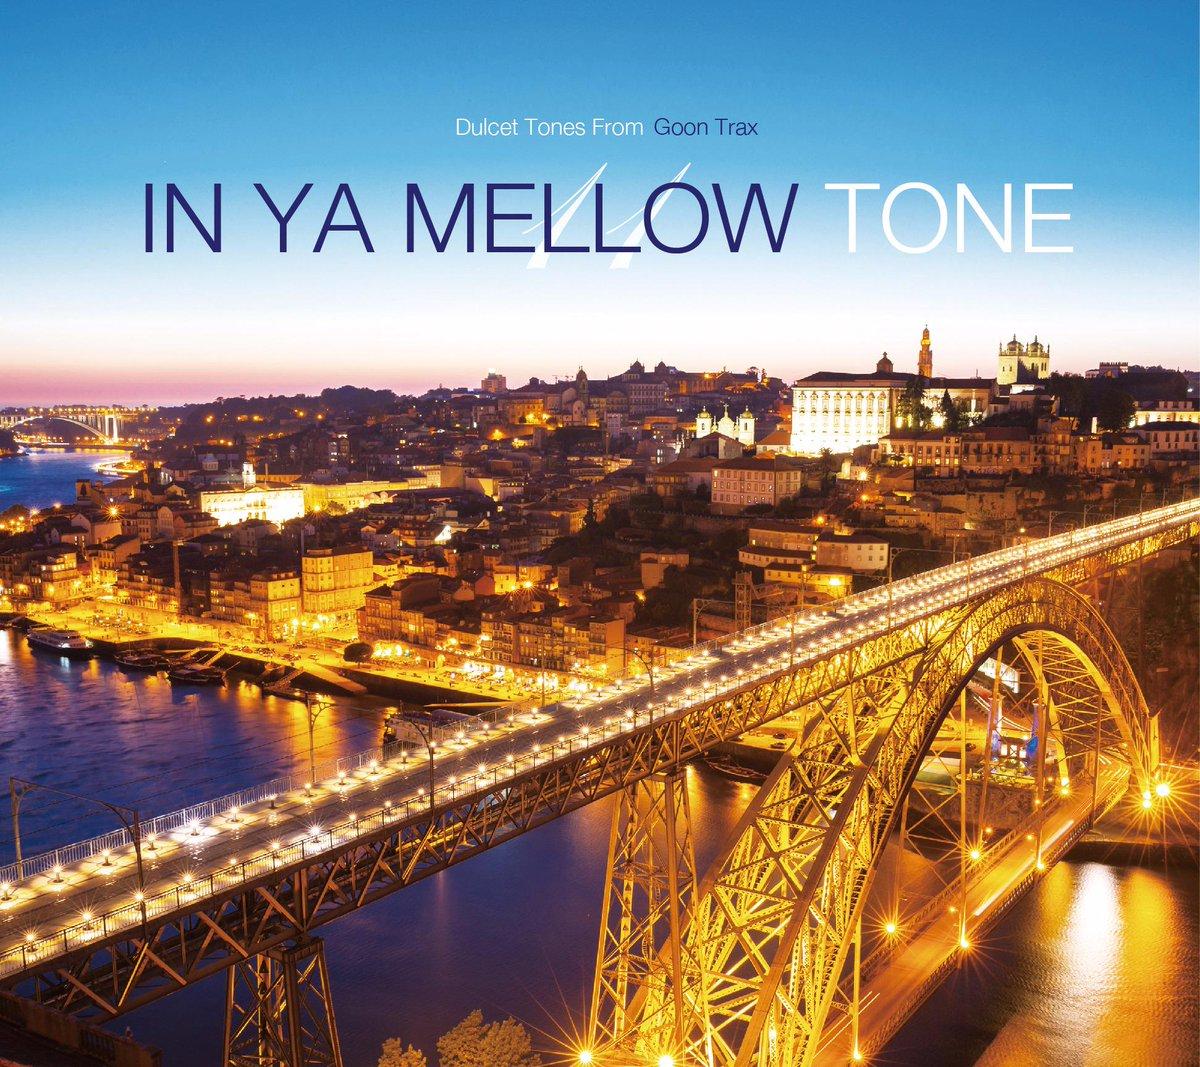 「IN YA MELLOW TONE 11」ジャケ写公開!iTunesは7/8より1週間先行で配信スタート!CDは7/15発売です!皆様おたのしみにーーーーーーーーー! http://t.co/hsupeii4X2